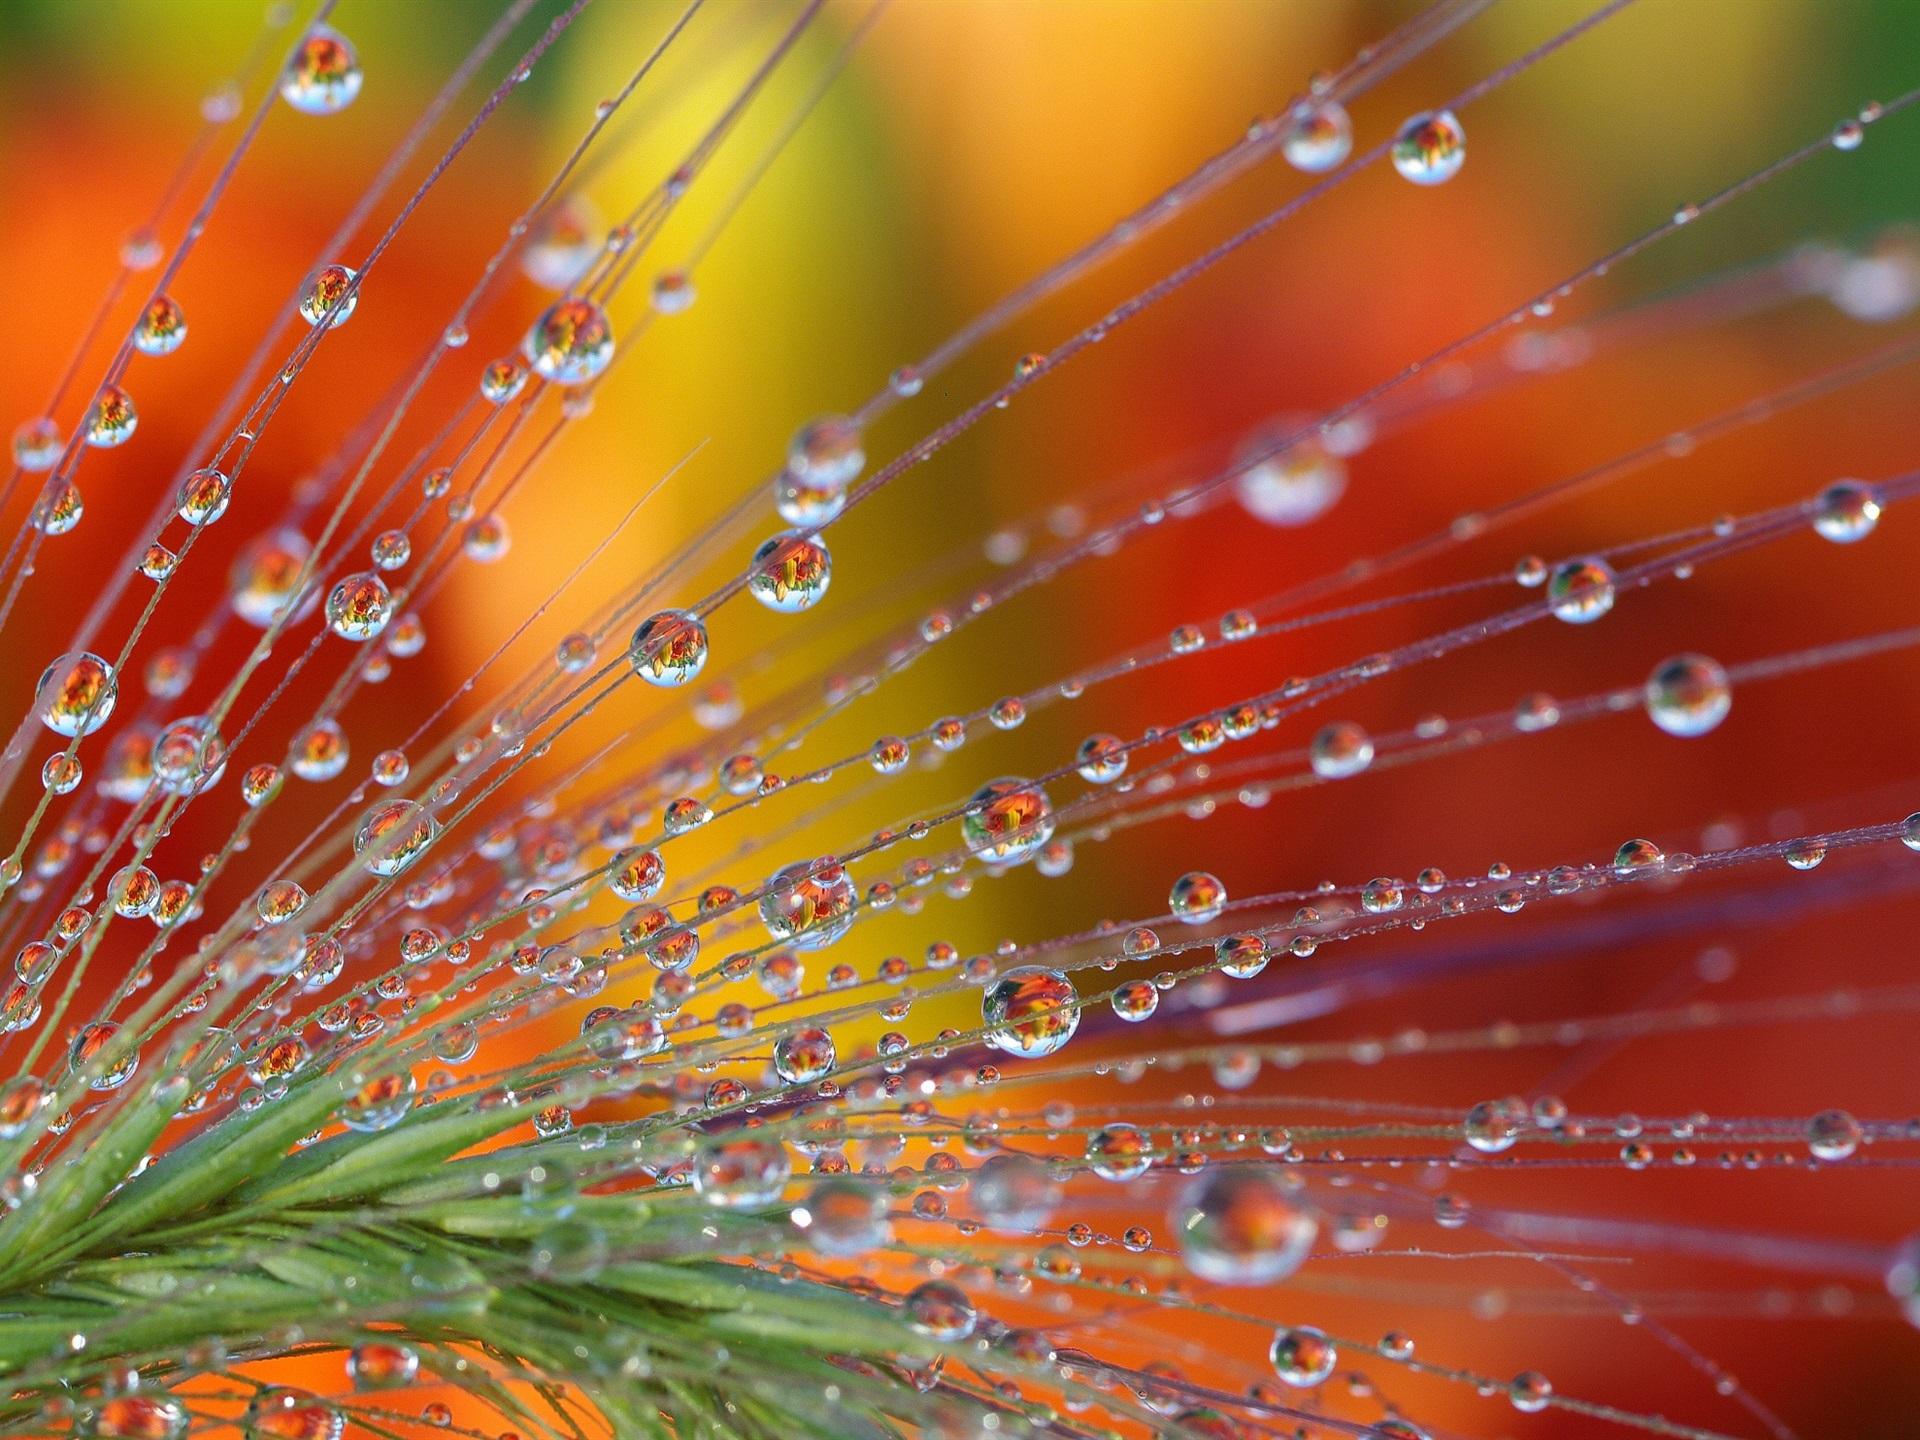 Красивые фото макросъемки воды свои фото